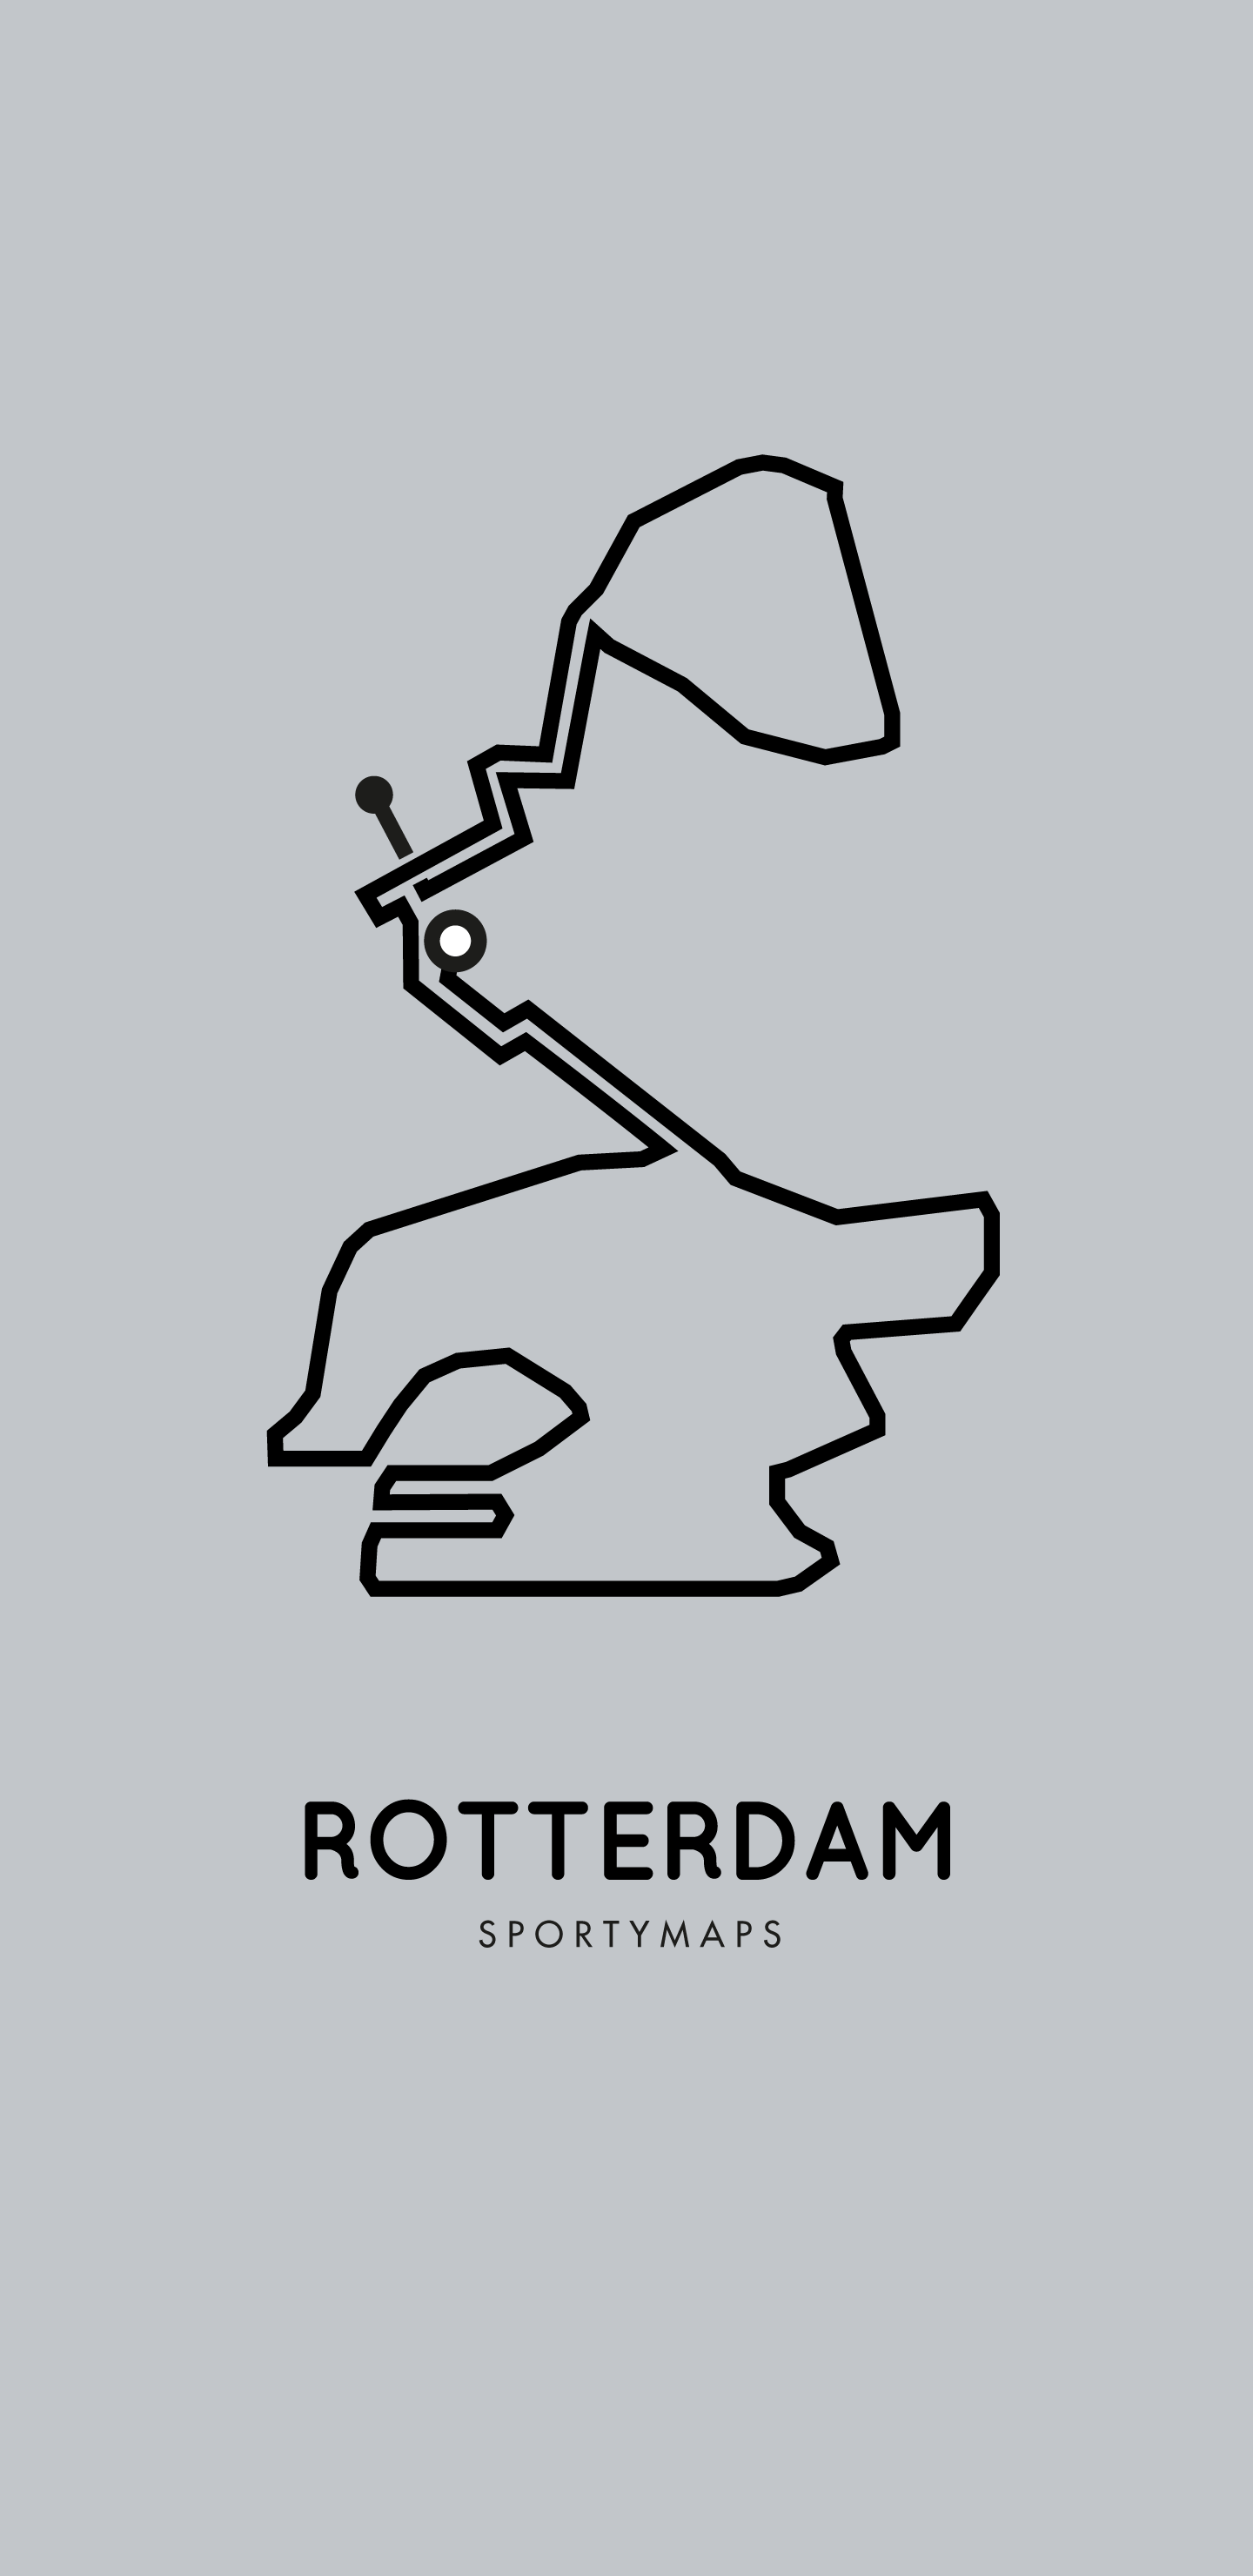 Sportymaps-Rotterdam-marathon-gray